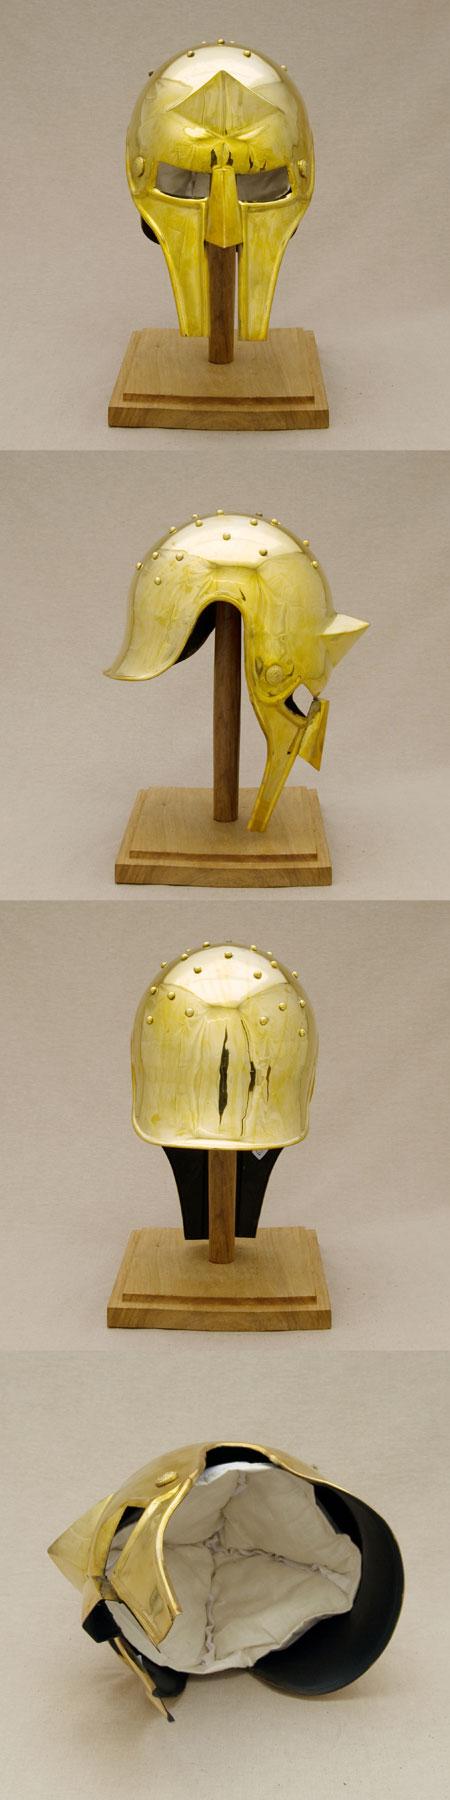 Roman film helmet, Gladiator Maximus